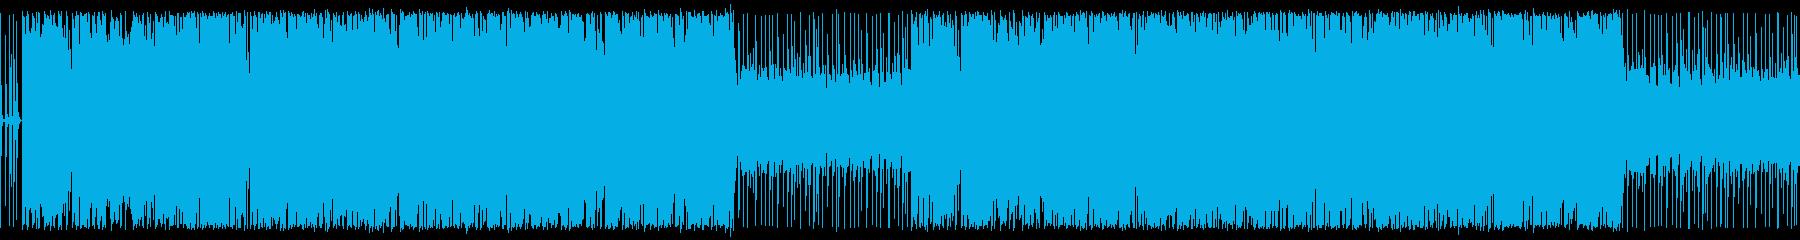 ほのぼのギター入りのbgmの再生済みの波形